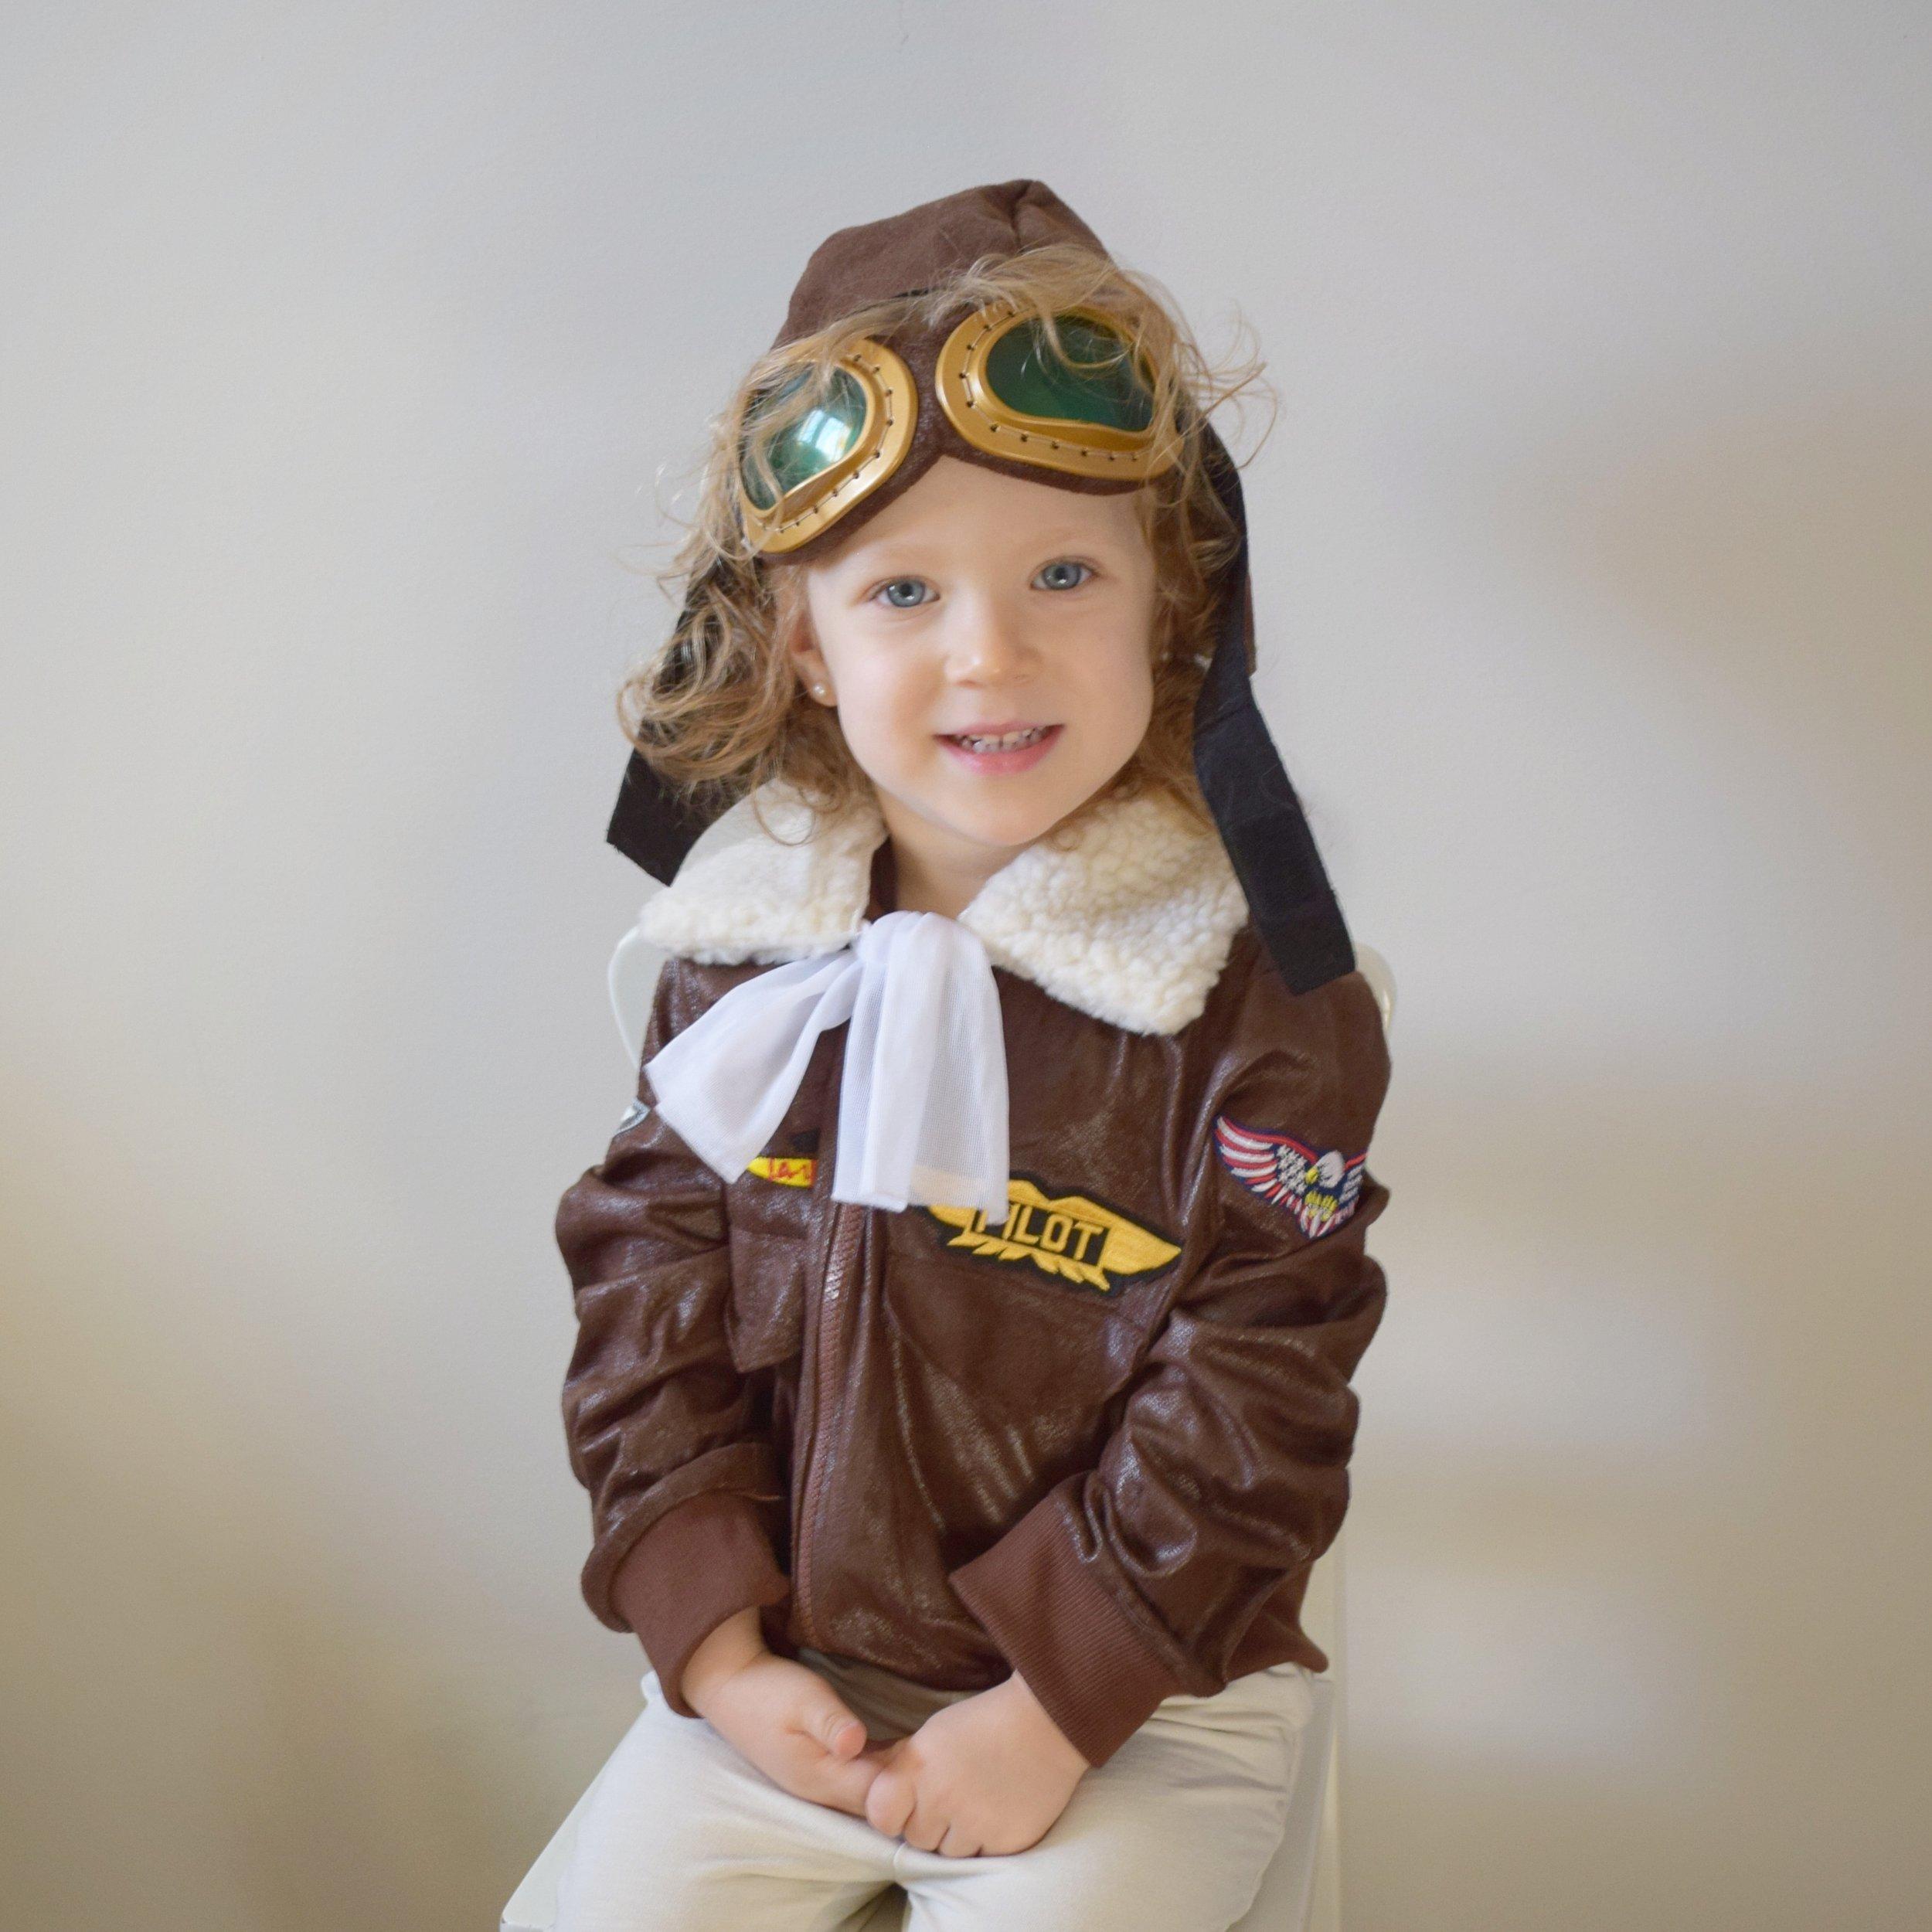 amelia earhart feminist halloween costume idea.jpg